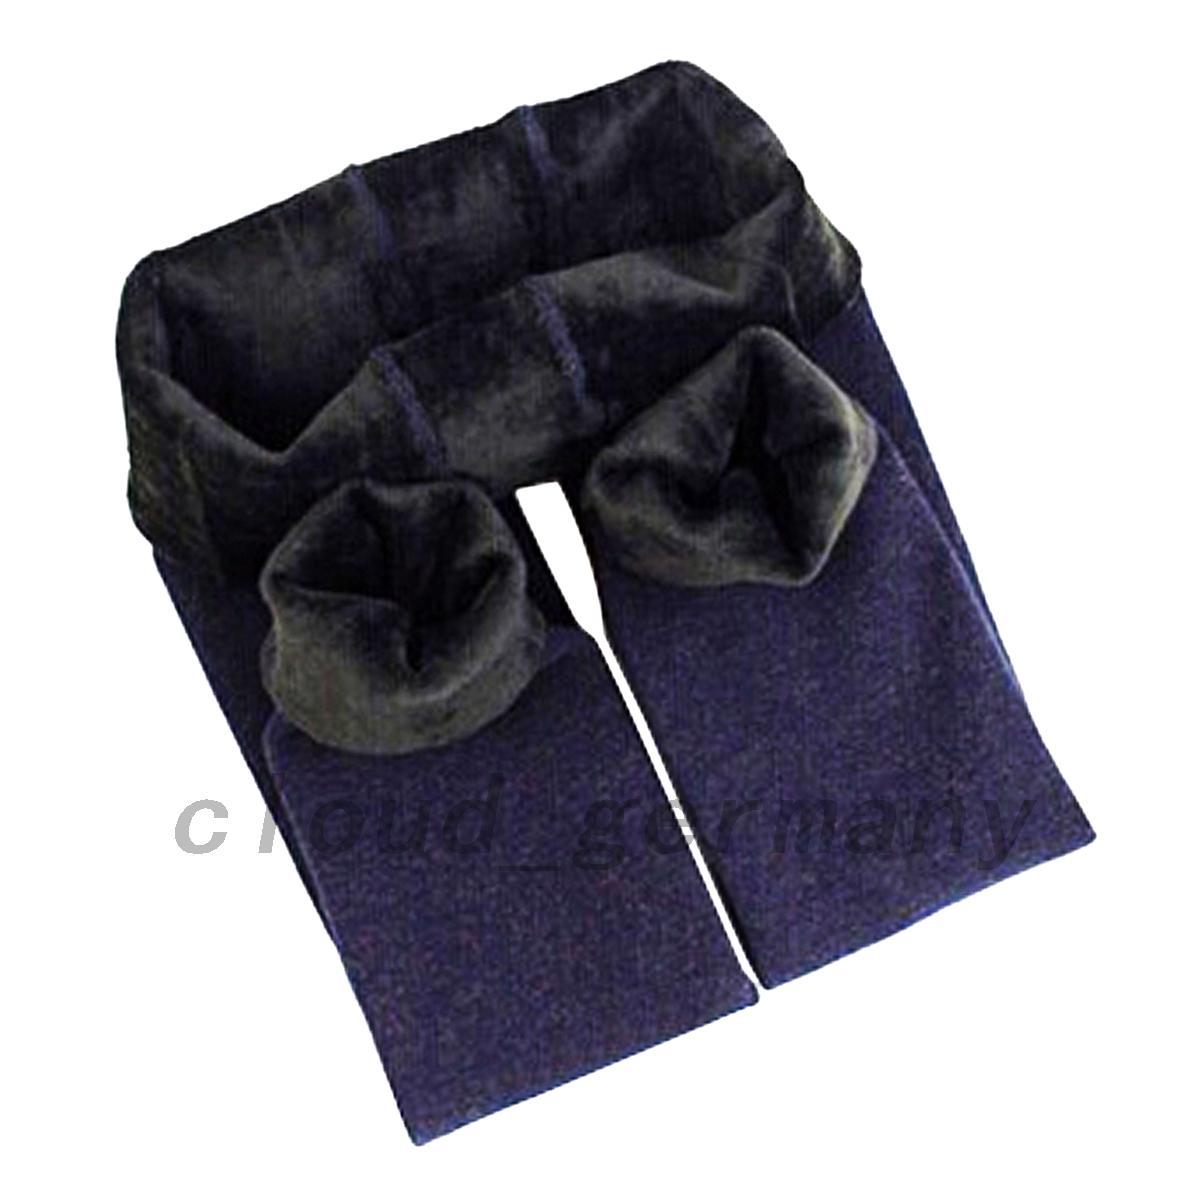 fille hiver leggings lastique chaud pais collant pour 4 12 ans pantalons fille ebay. Black Bedroom Furniture Sets. Home Design Ideas